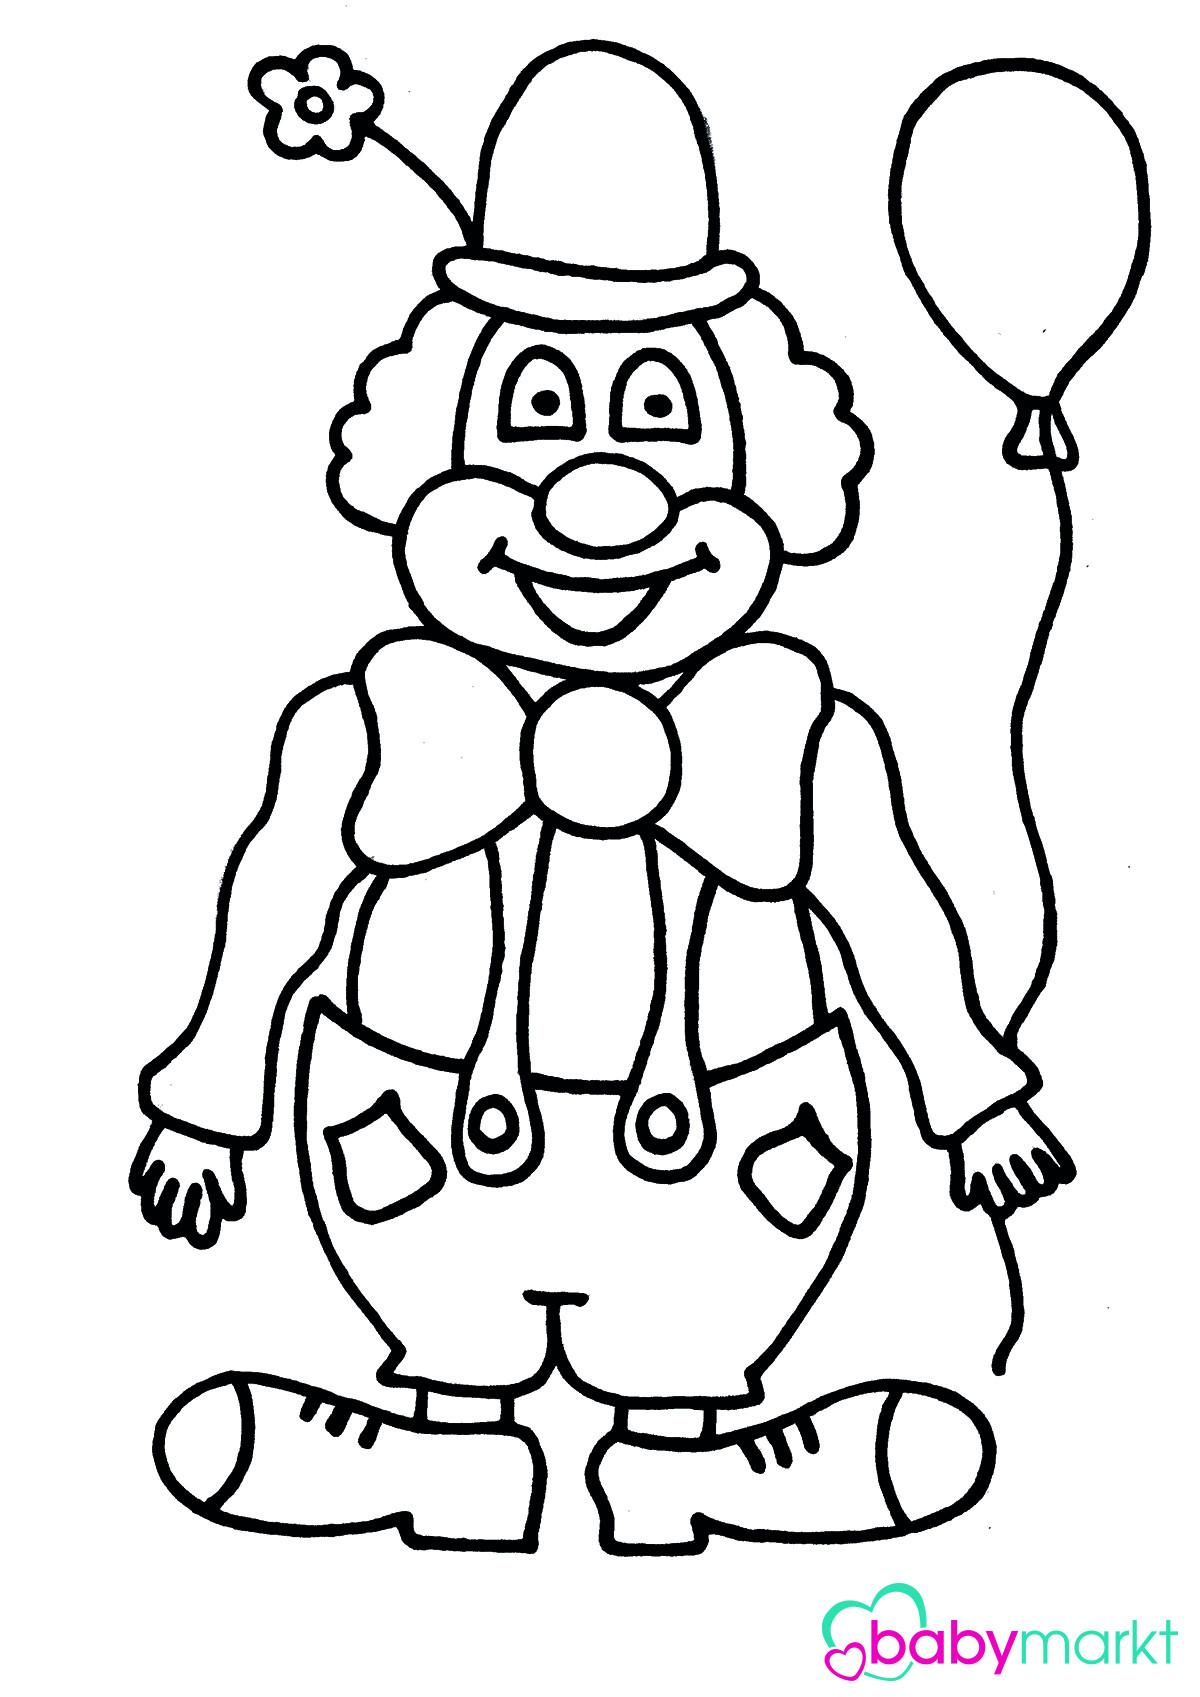 Clown Ausmalbilder  Clown zum Ausmalen babymarkt Ratgeber